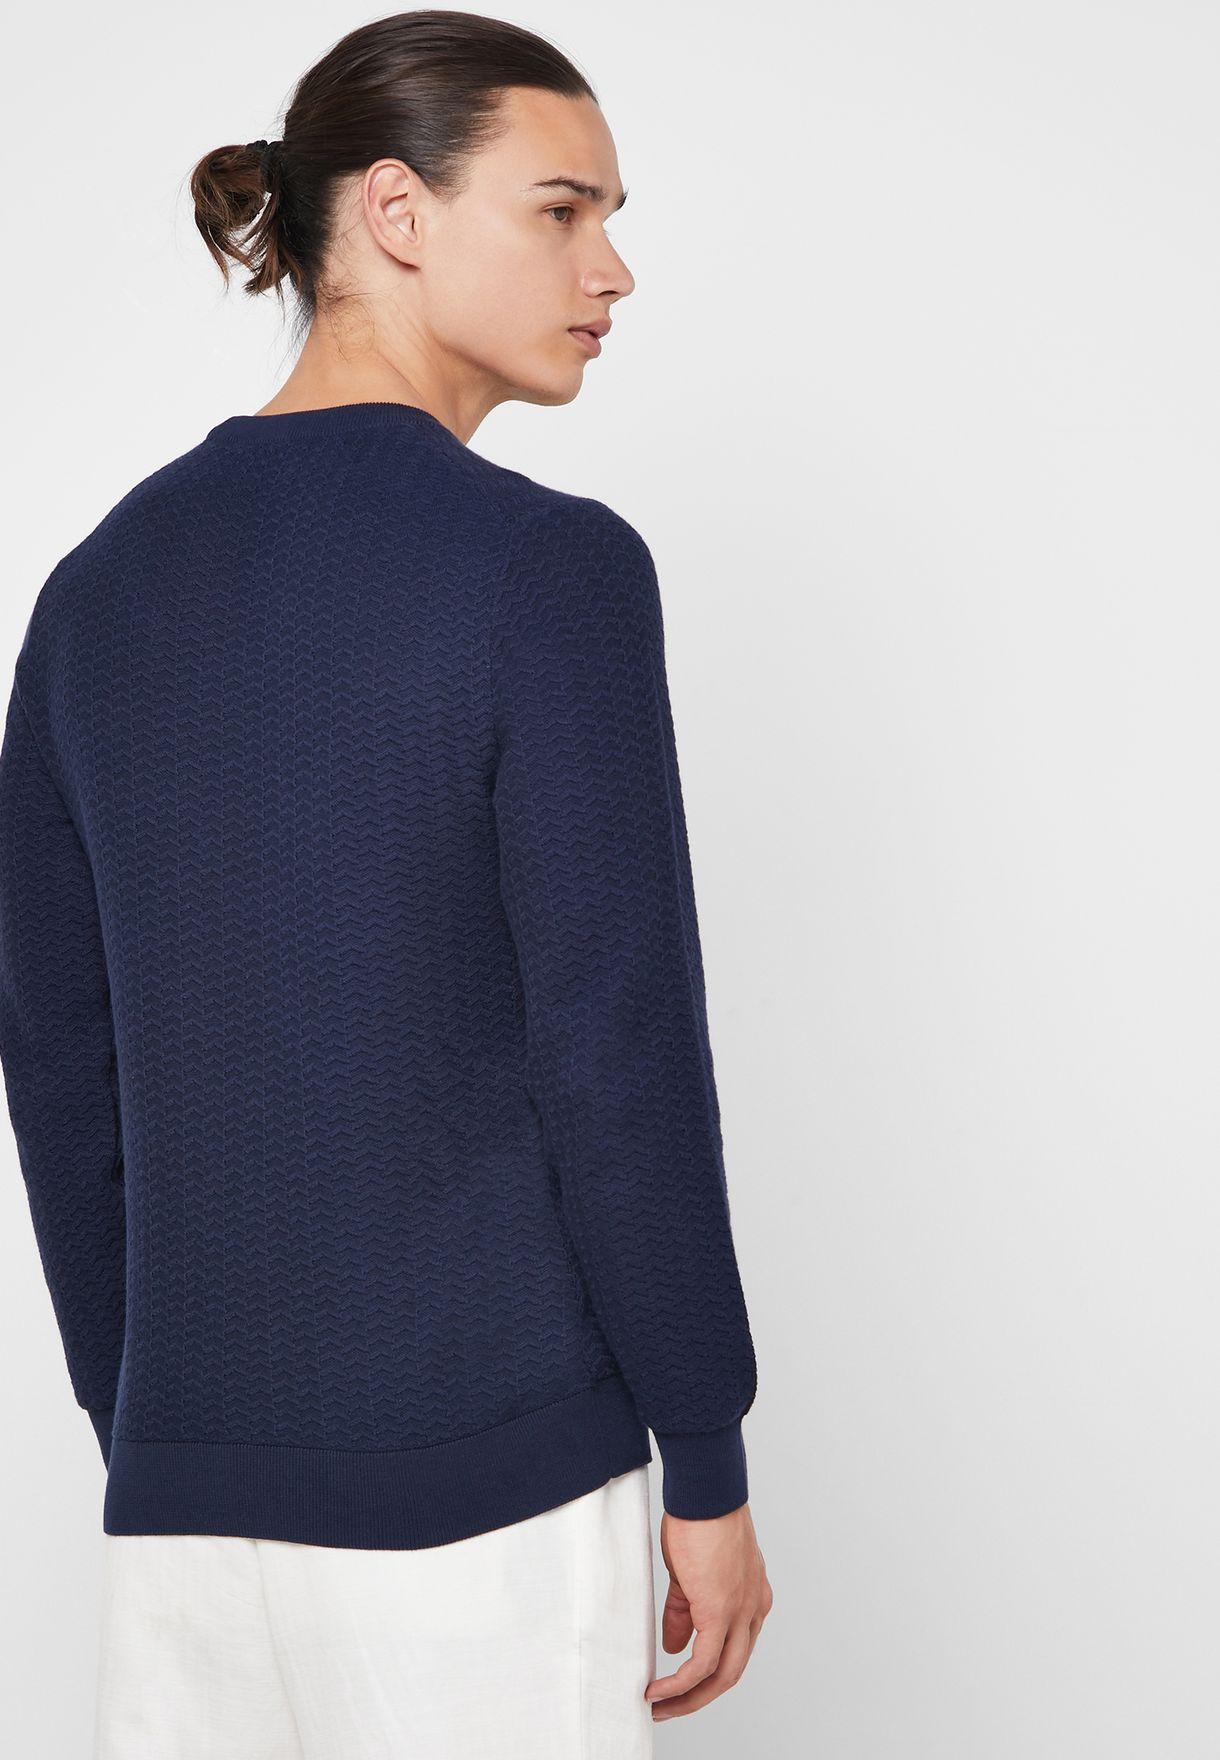 Herringbone Textured Crew Neck Sweater